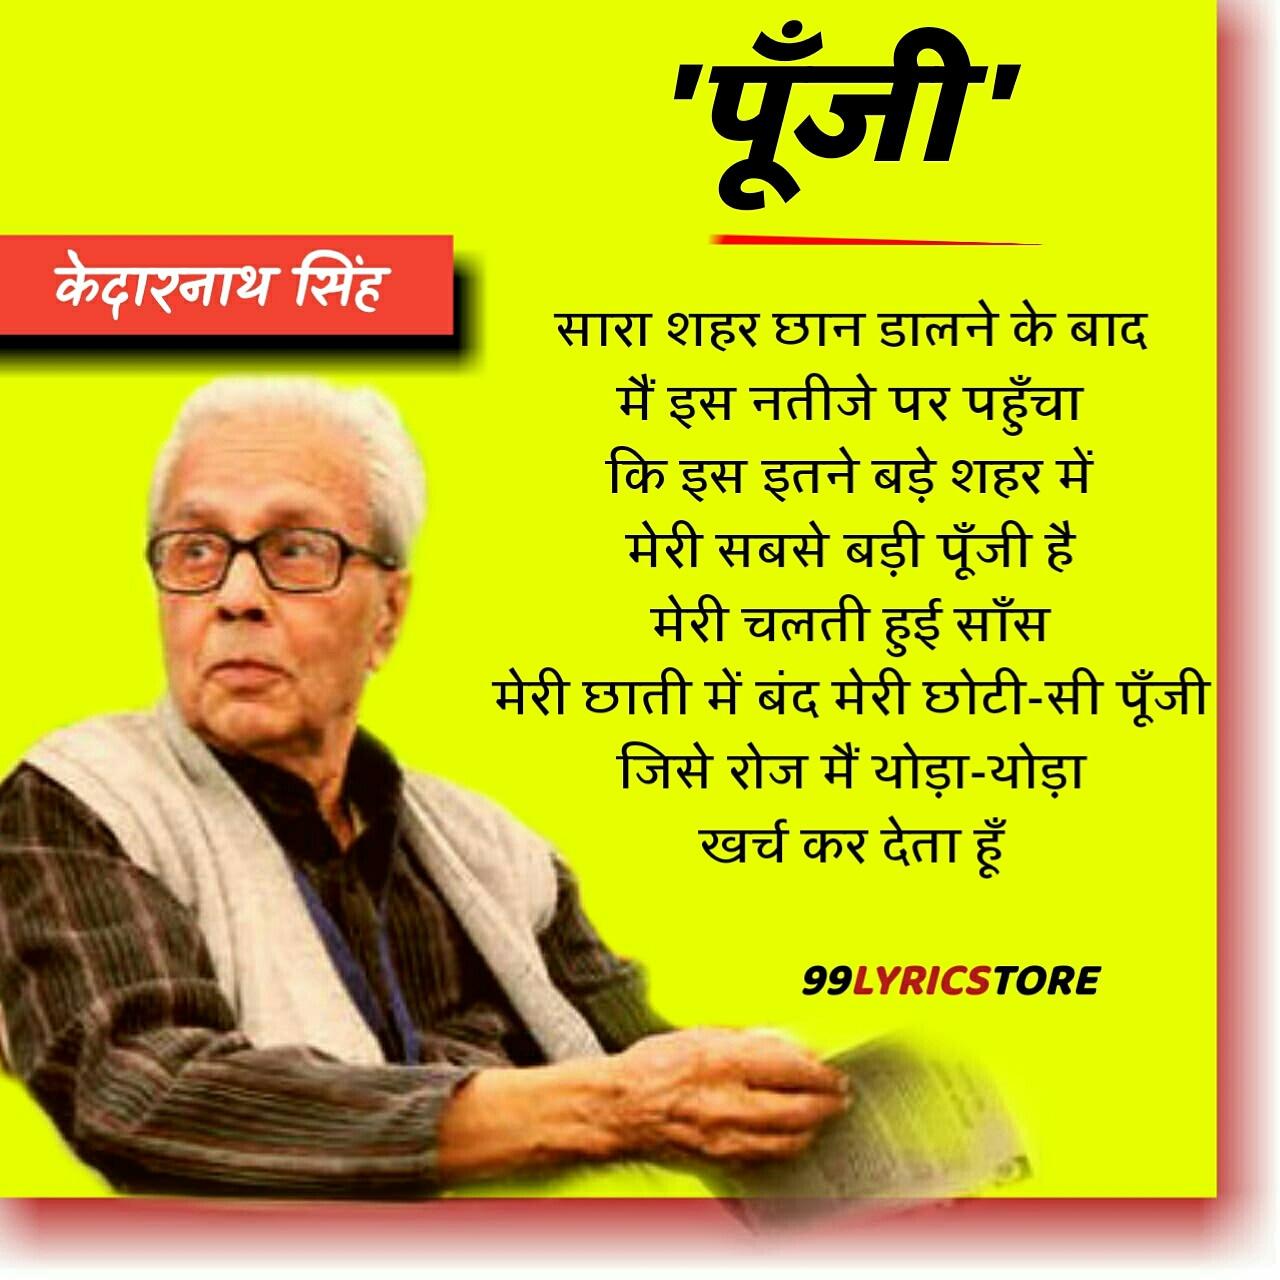 'पूंजी' कविता केदारनाथ सिंह जी द्वारा लिखी गई एक हिन्दी कविता है।